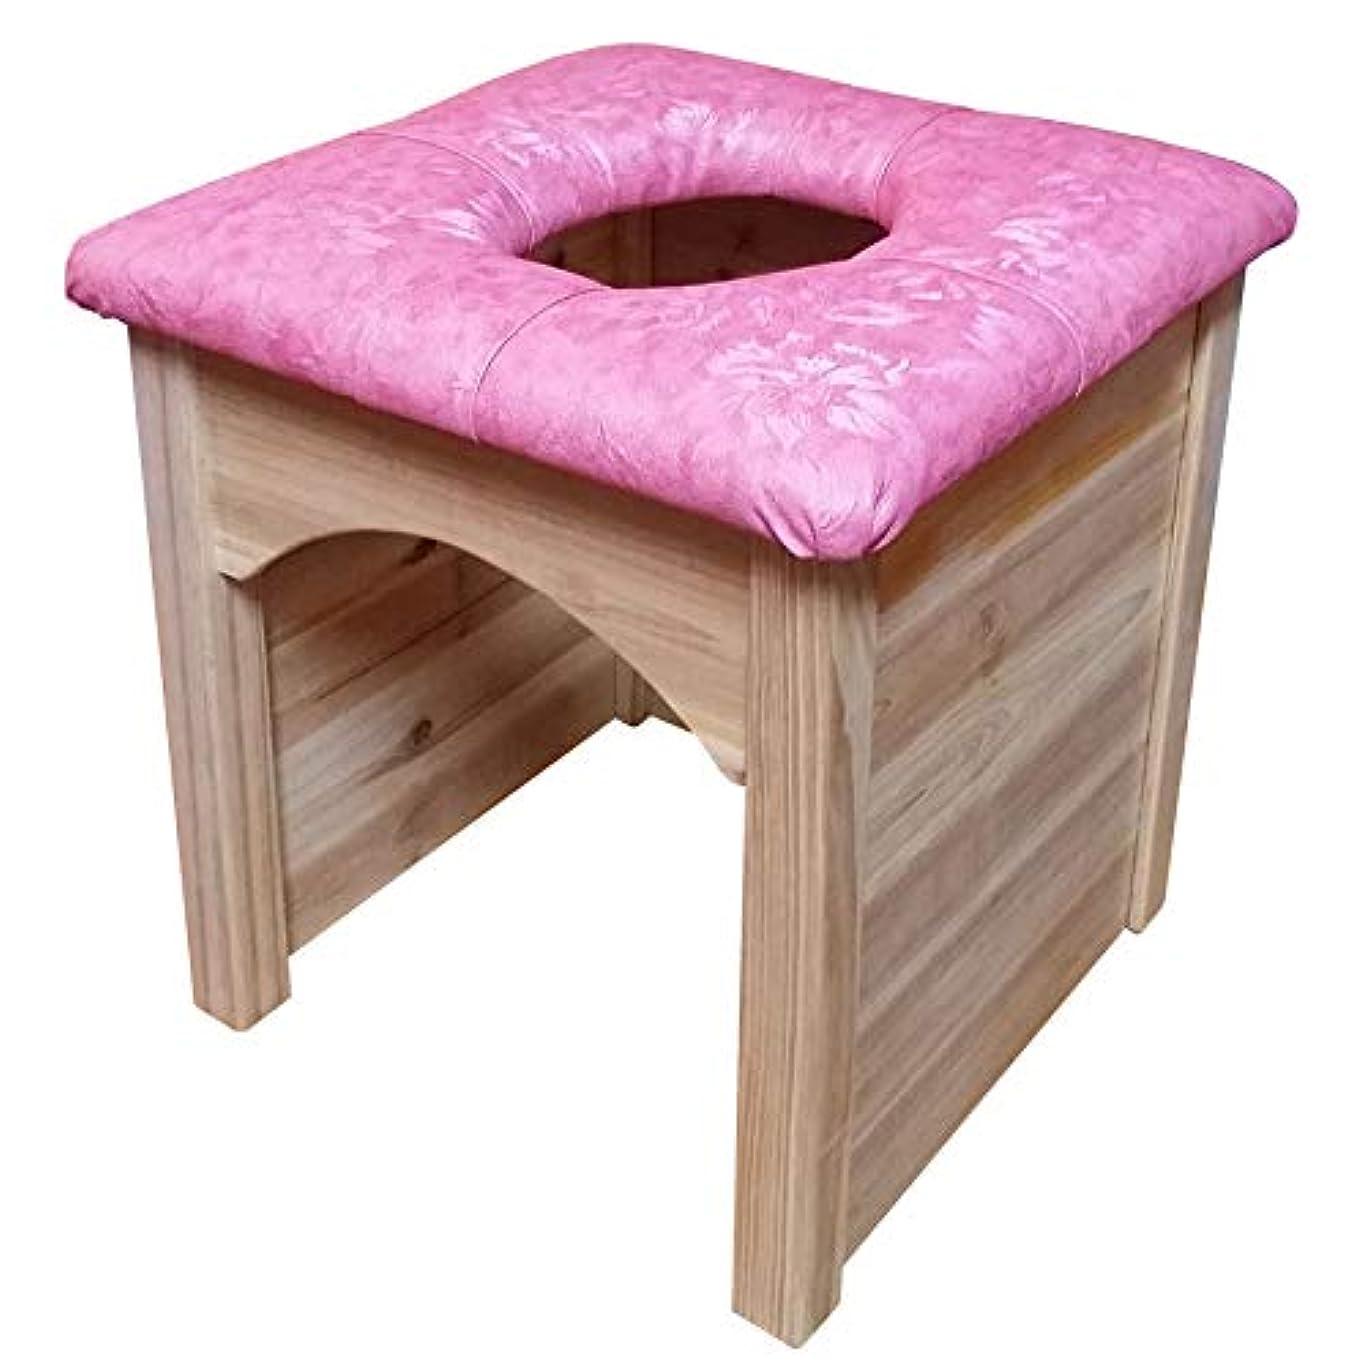 水分彼女は不良品正品、、お勧めの、ヨモギ蒸し椅子セット、よもぎ蒸し椅子 単品